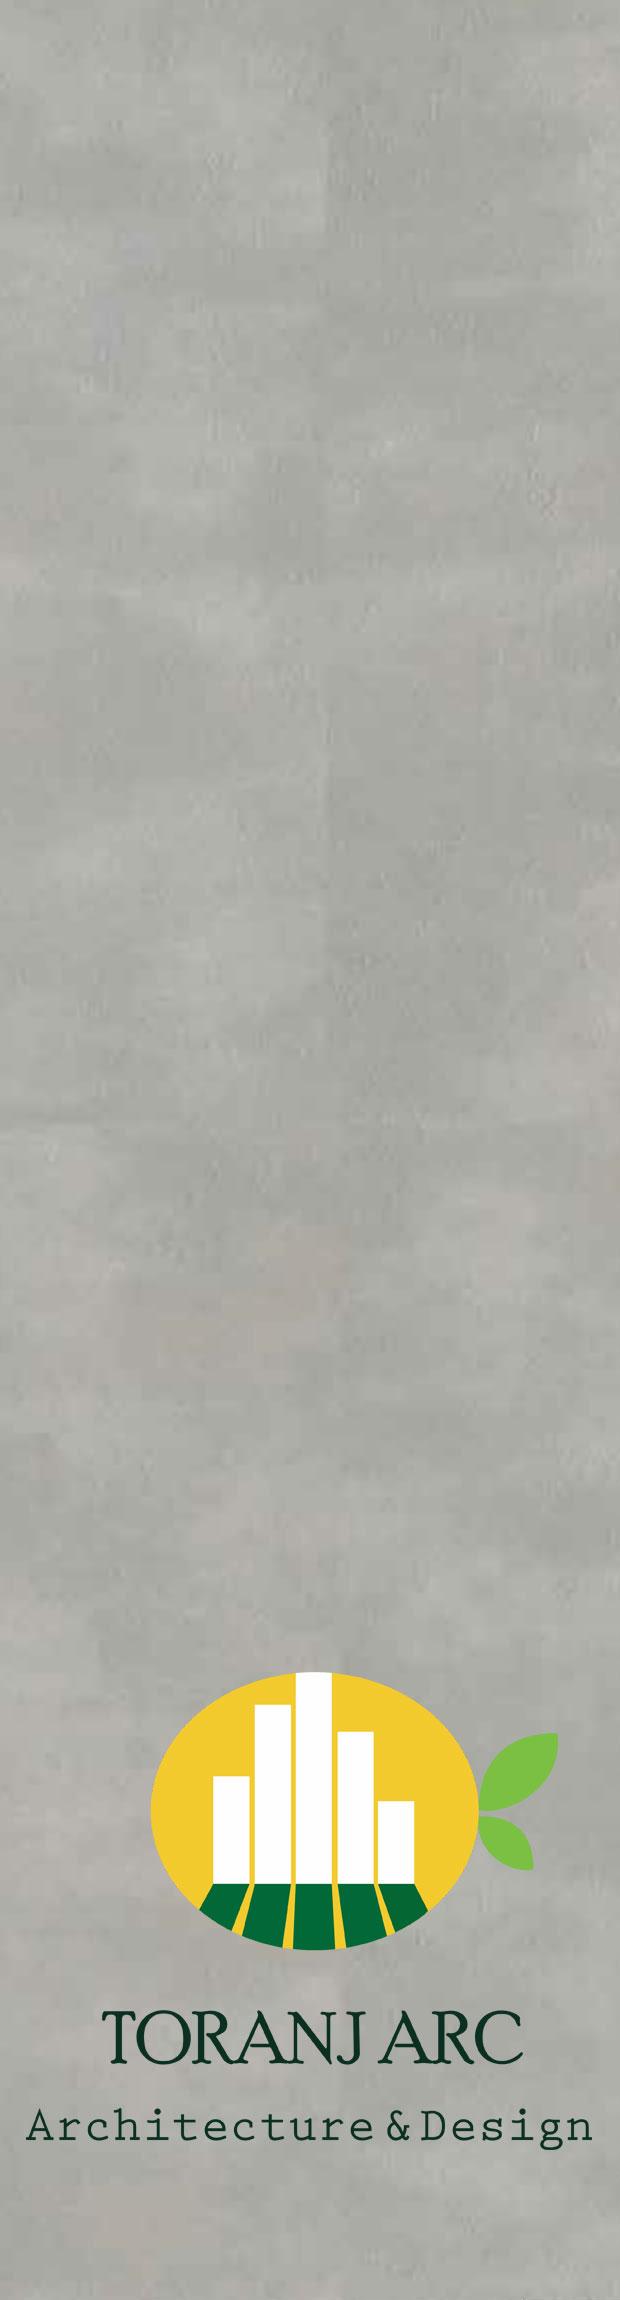 adofloor 1 4 کف پوش pvc